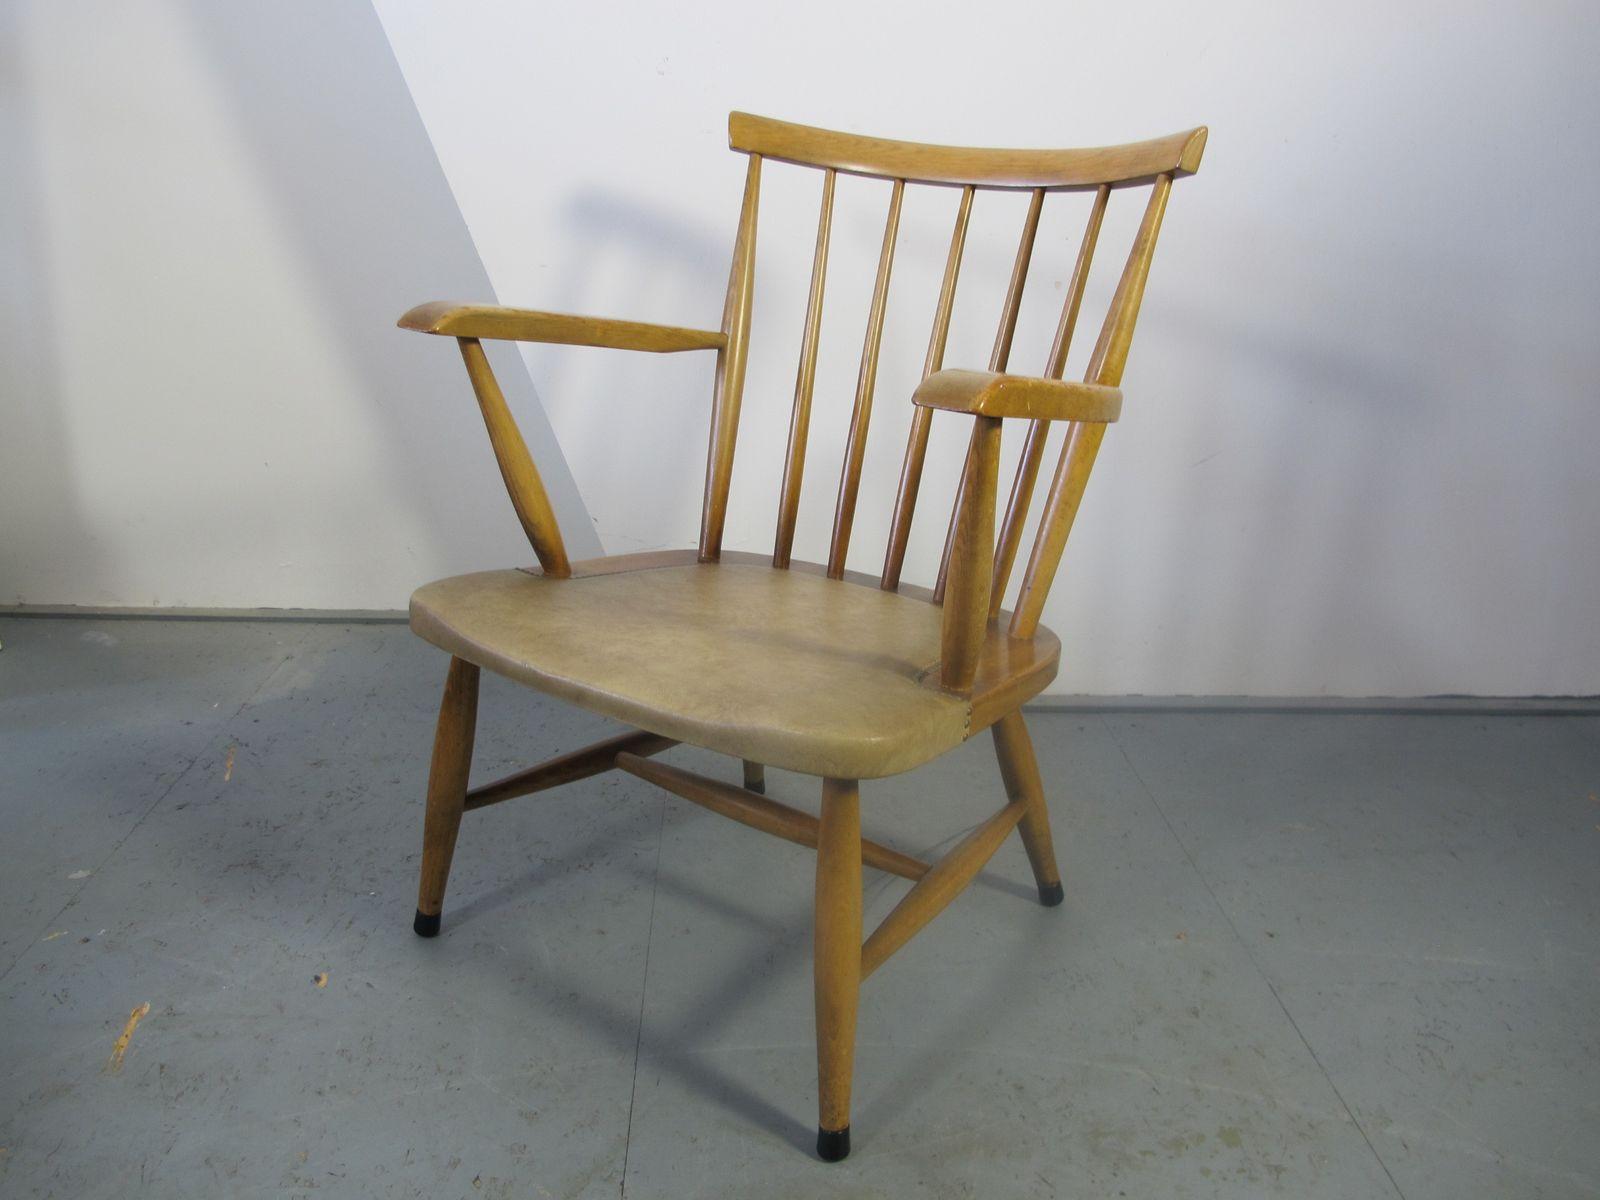 skandinavischer vintage stuhl mit sprossen r ckenlehne bei. Black Bedroom Furniture Sets. Home Design Ideas